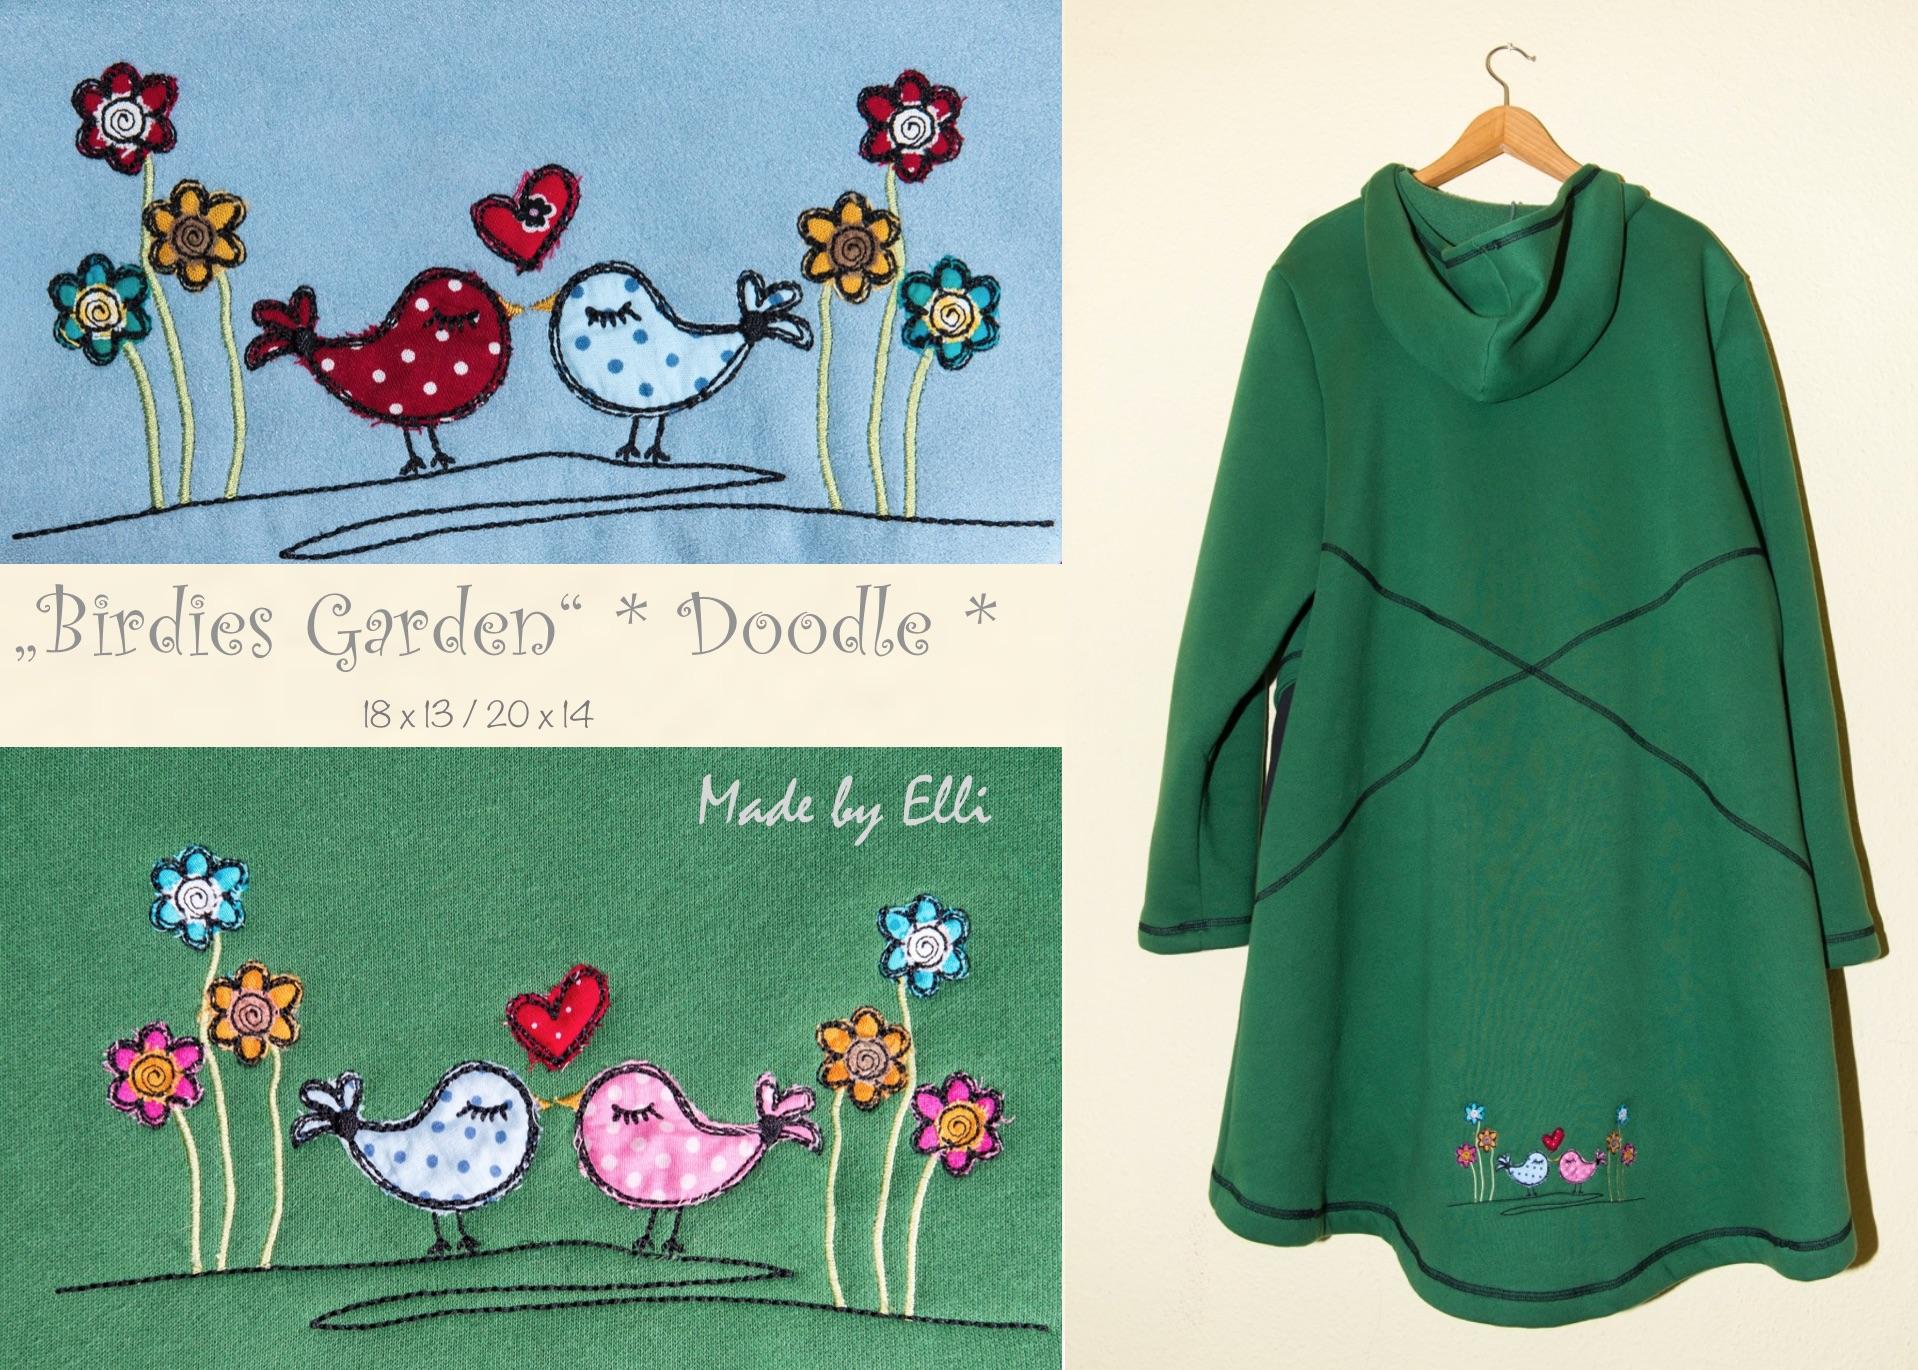 Birdies Garden Doodle